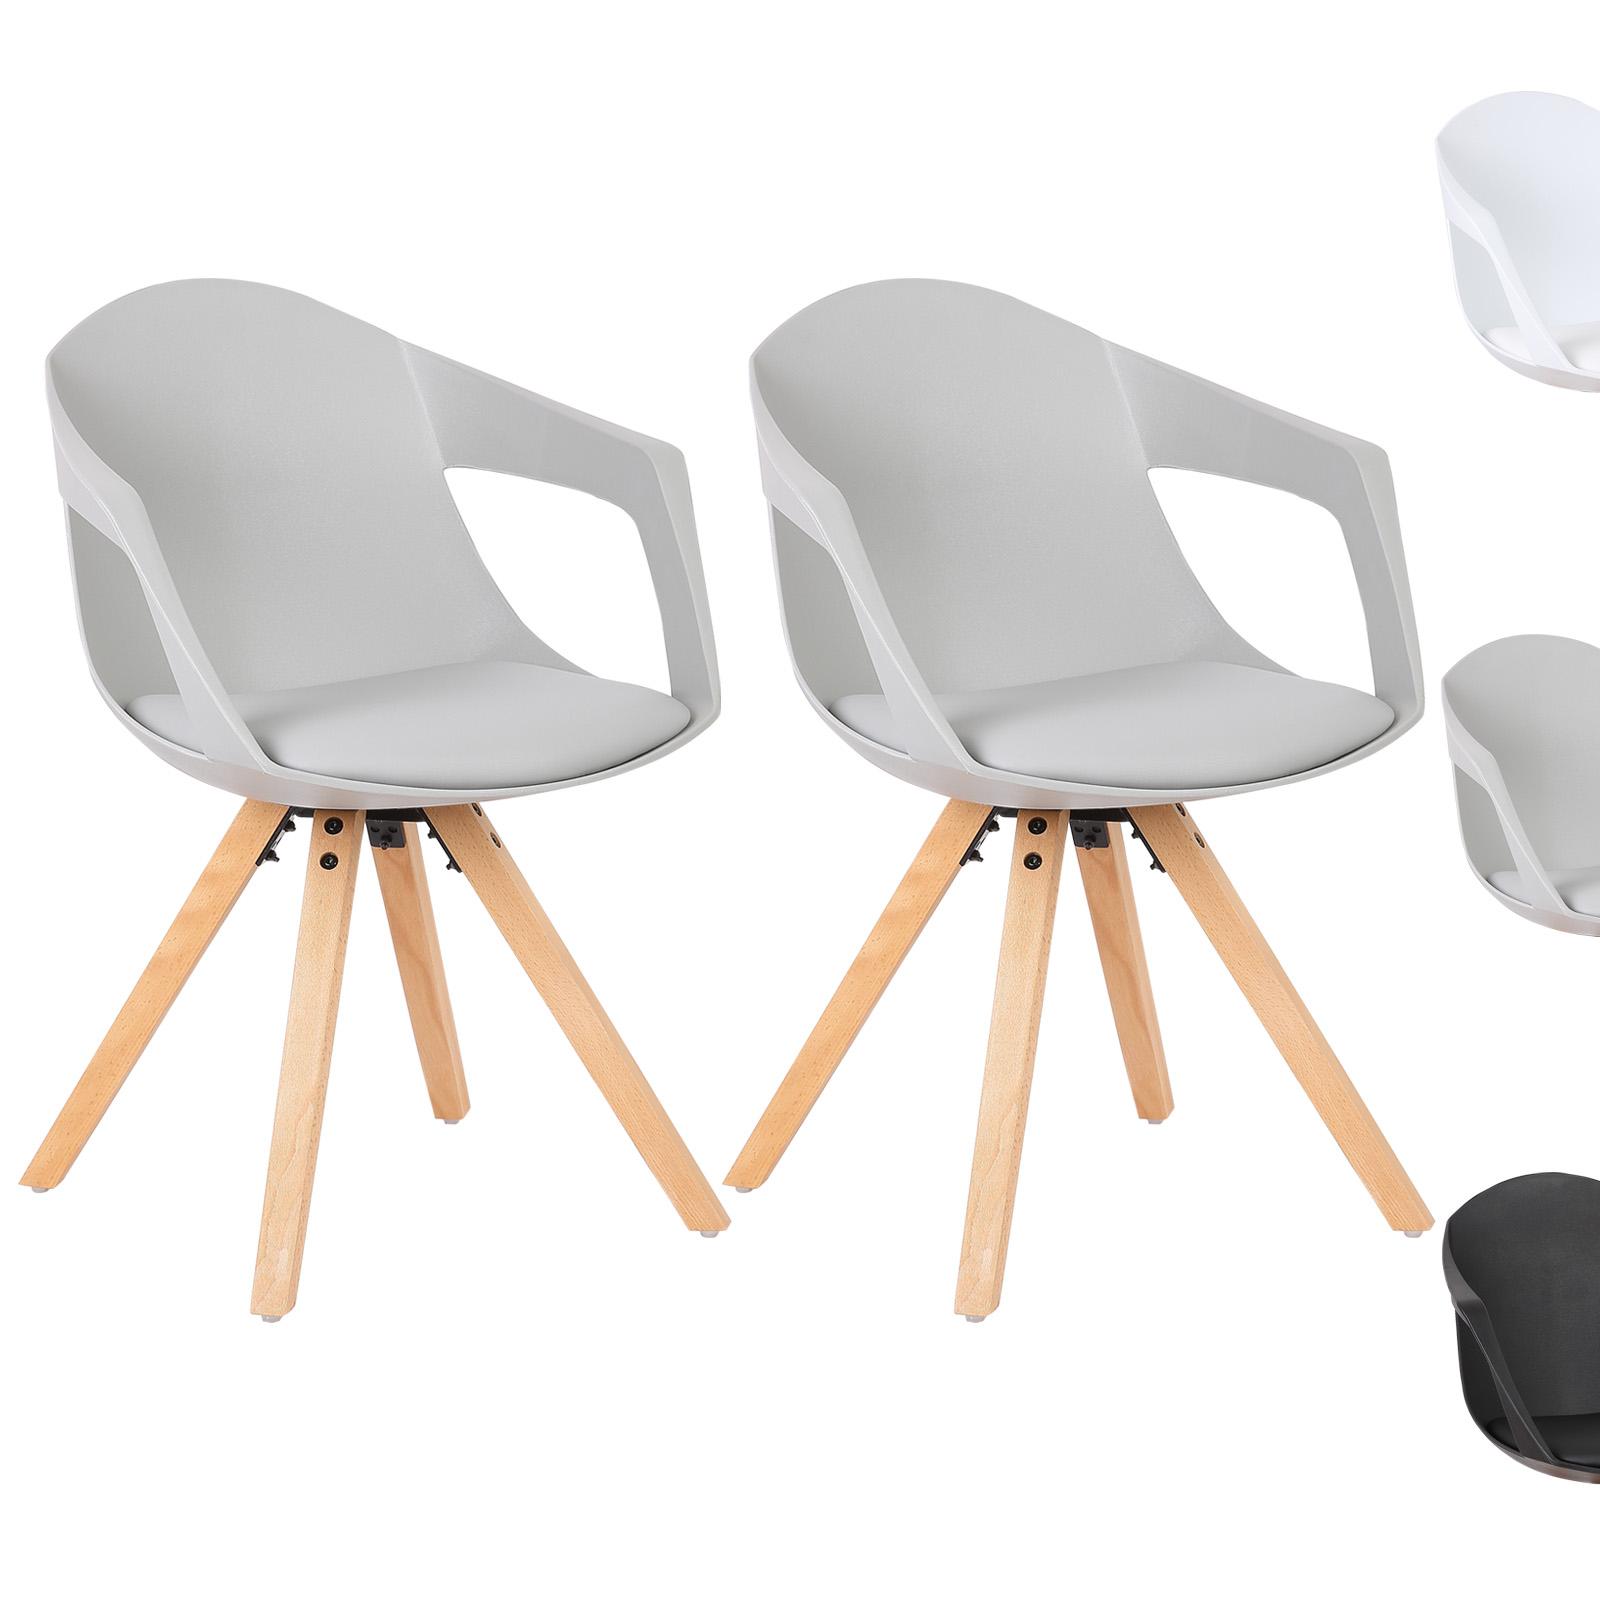 Chaise salle manger lot de 2 cuir simil chaise de for Chaise cuisine en cuir